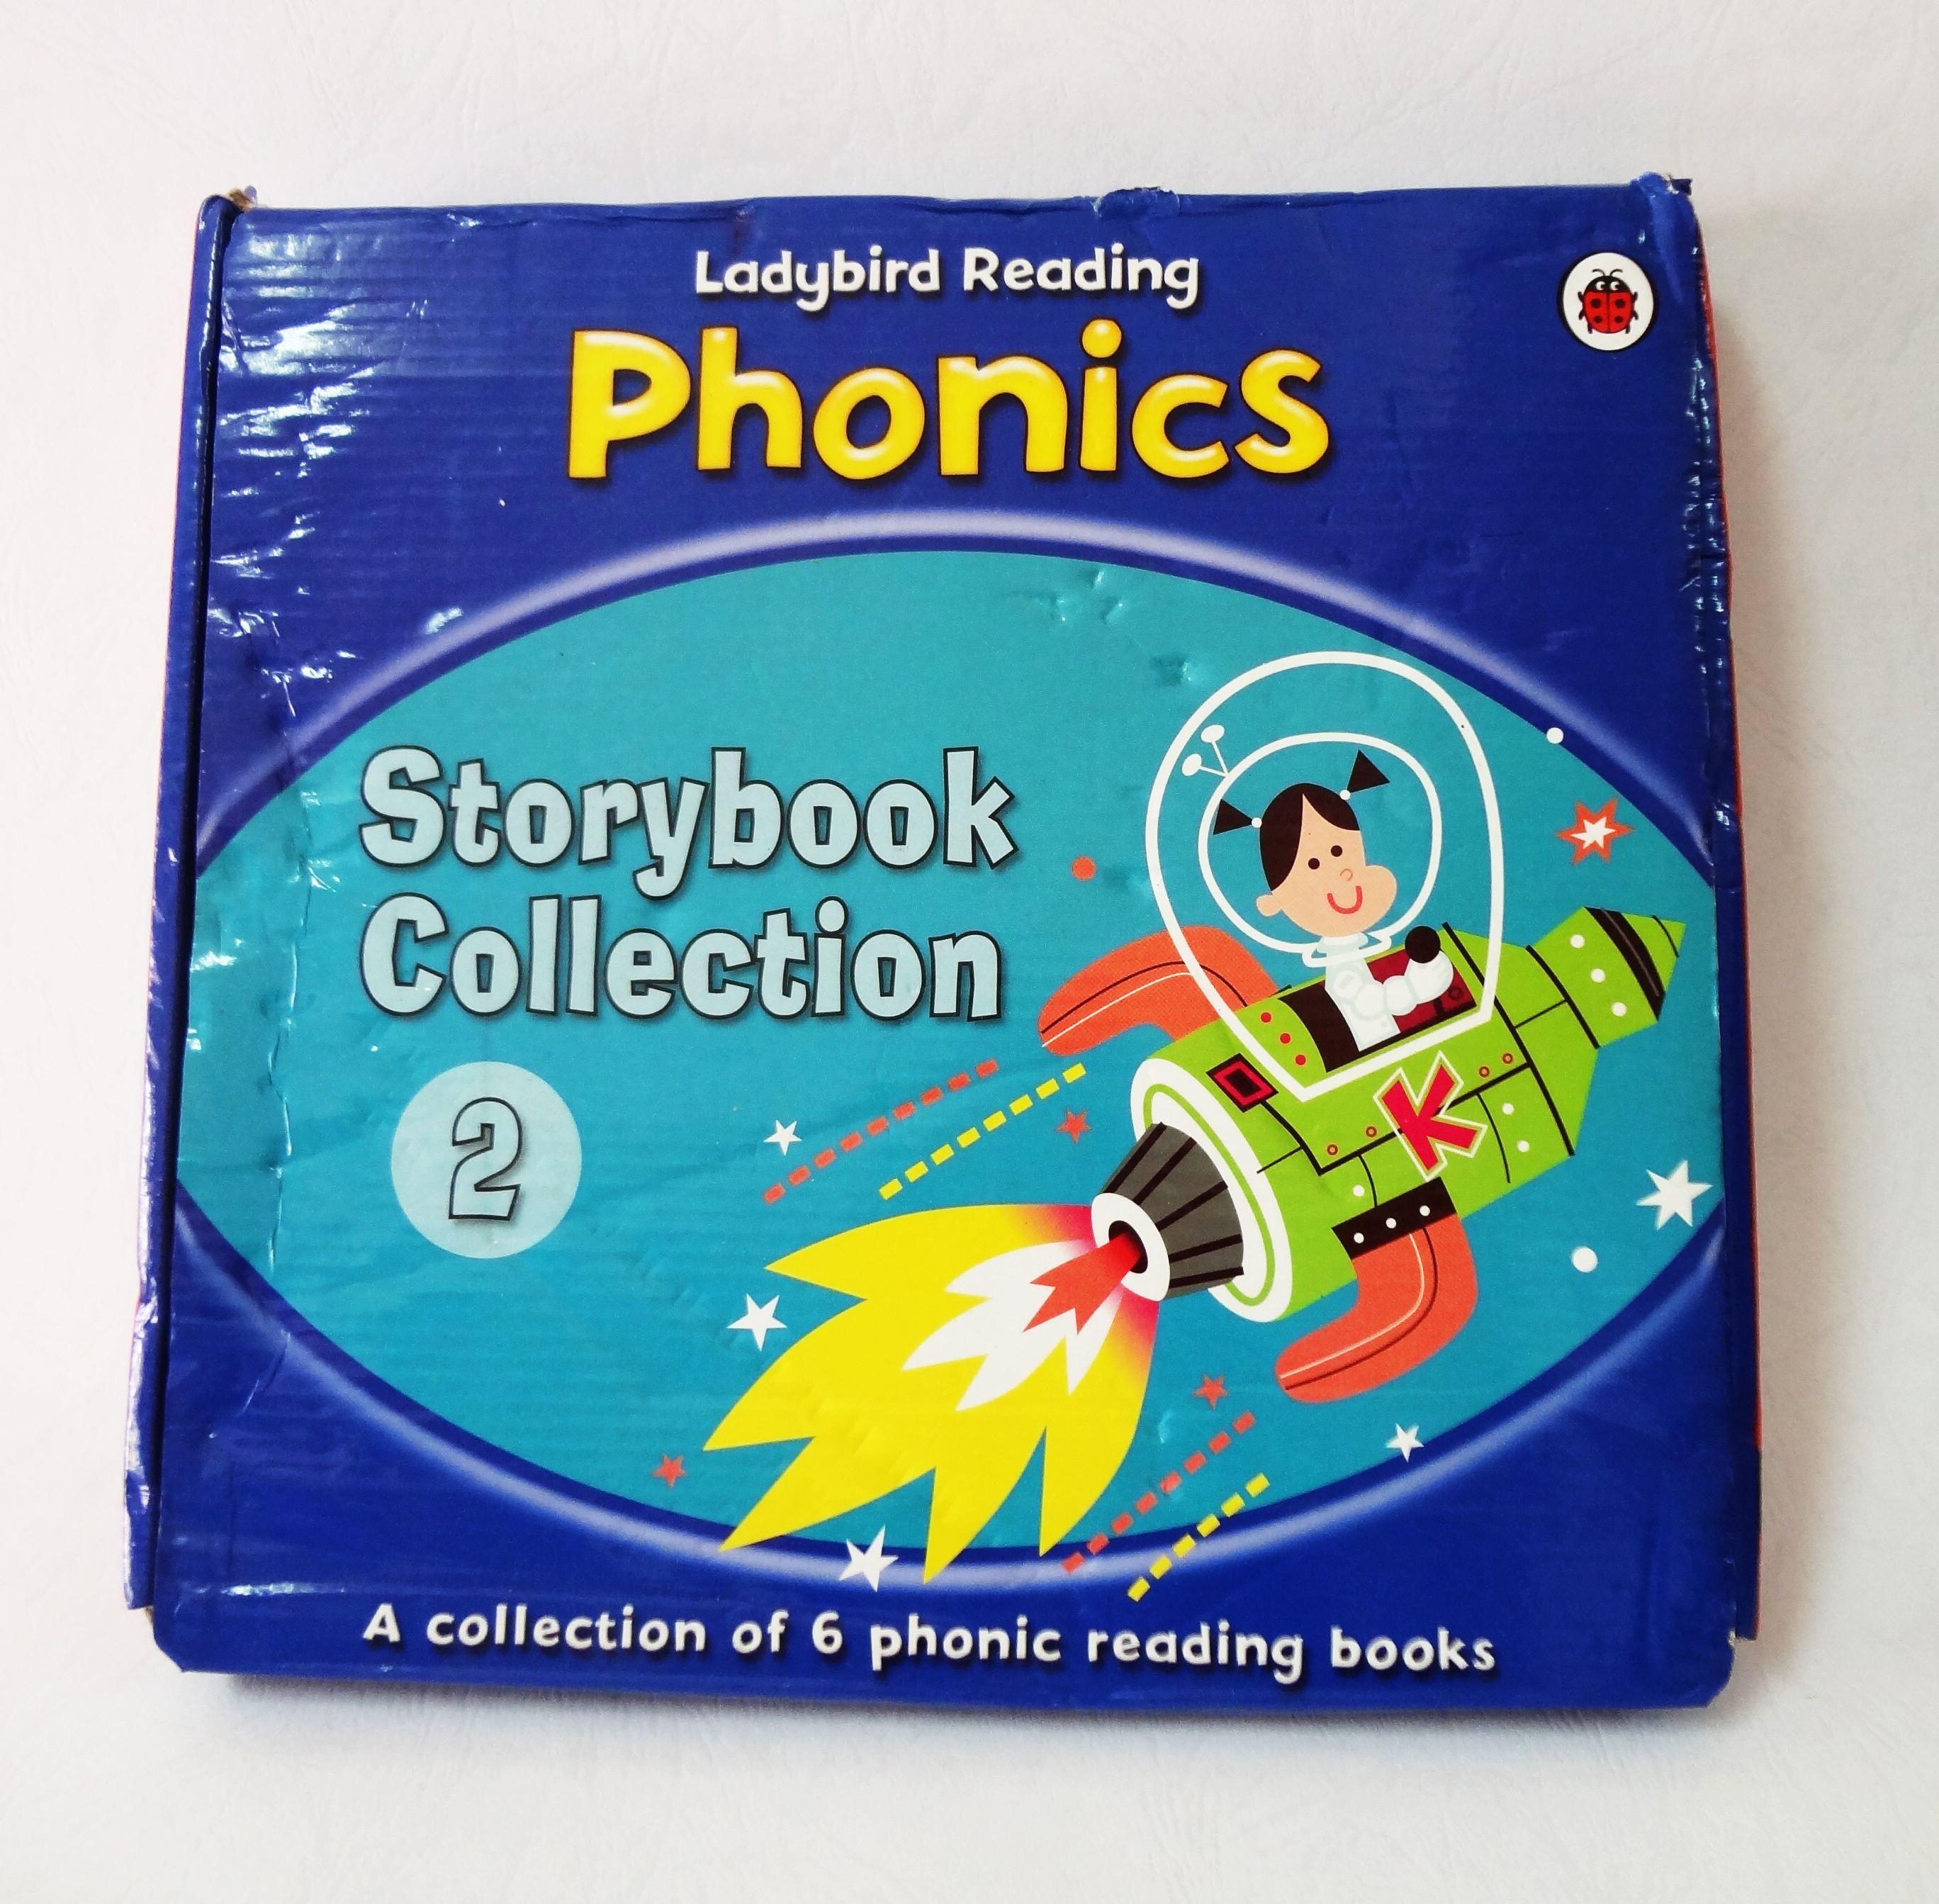 หนังสือเด็ก Phonics : Storybook Collection 2